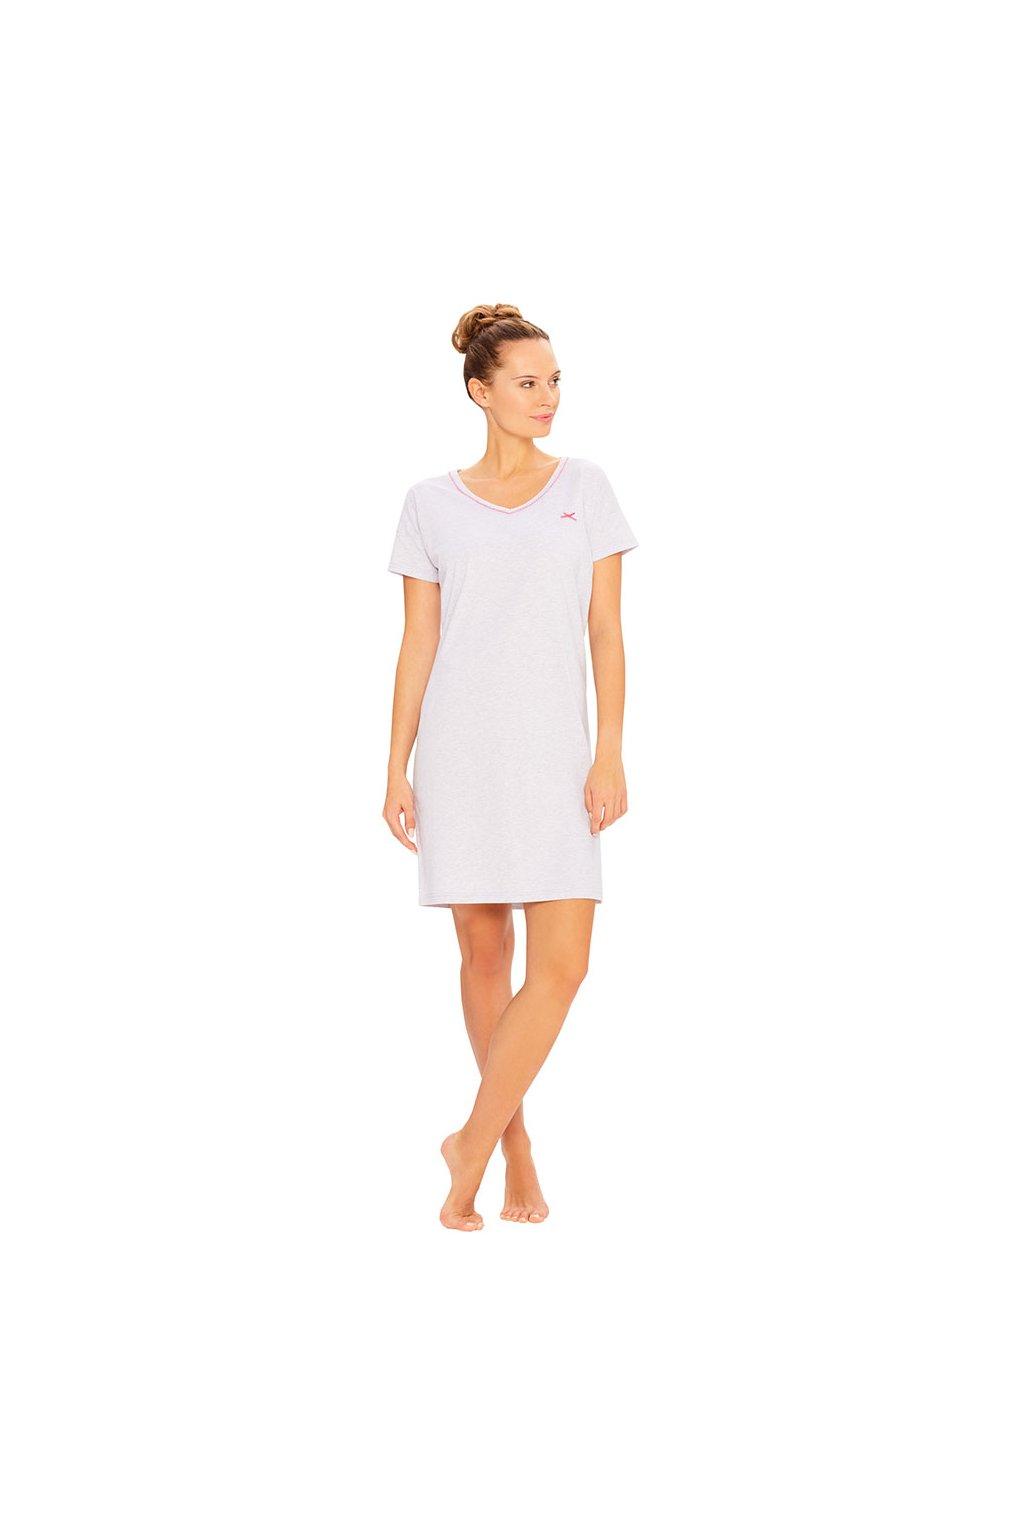 Dámská noční košile s krátkým rukávem, 104393 417, růžová